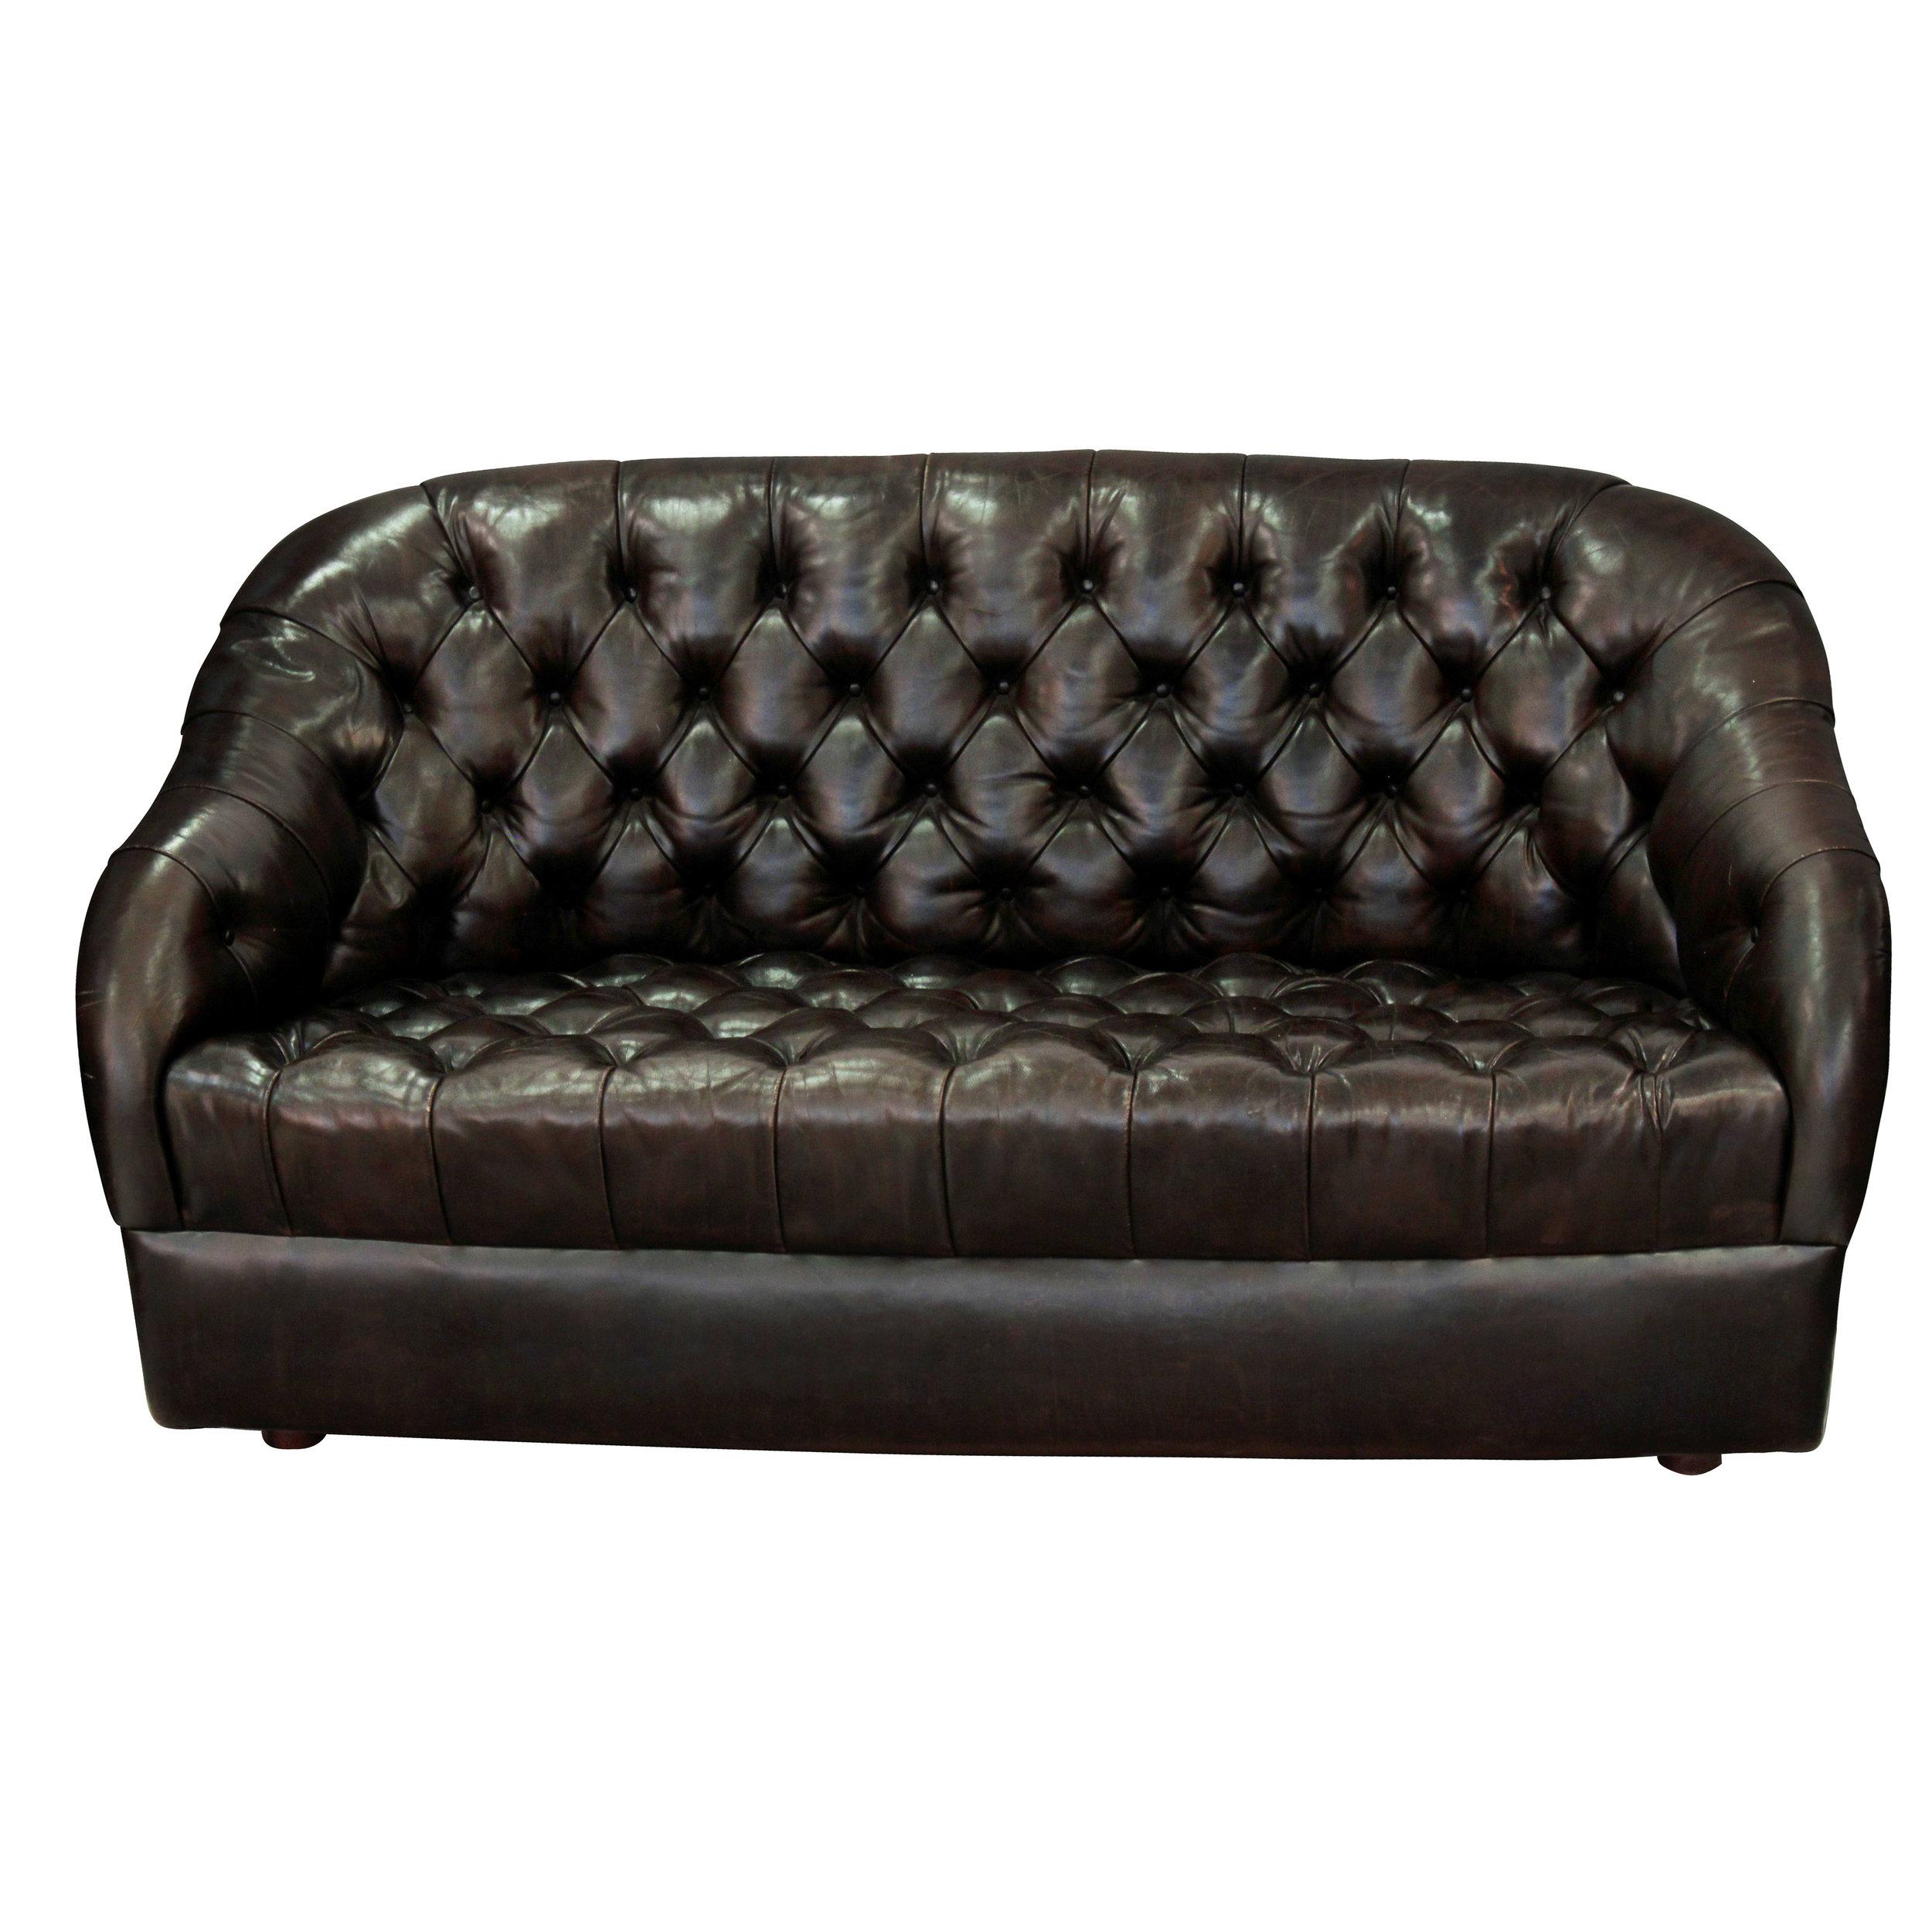 Bennett 85 tufted drk brown sofa82 sqr hires.jpg